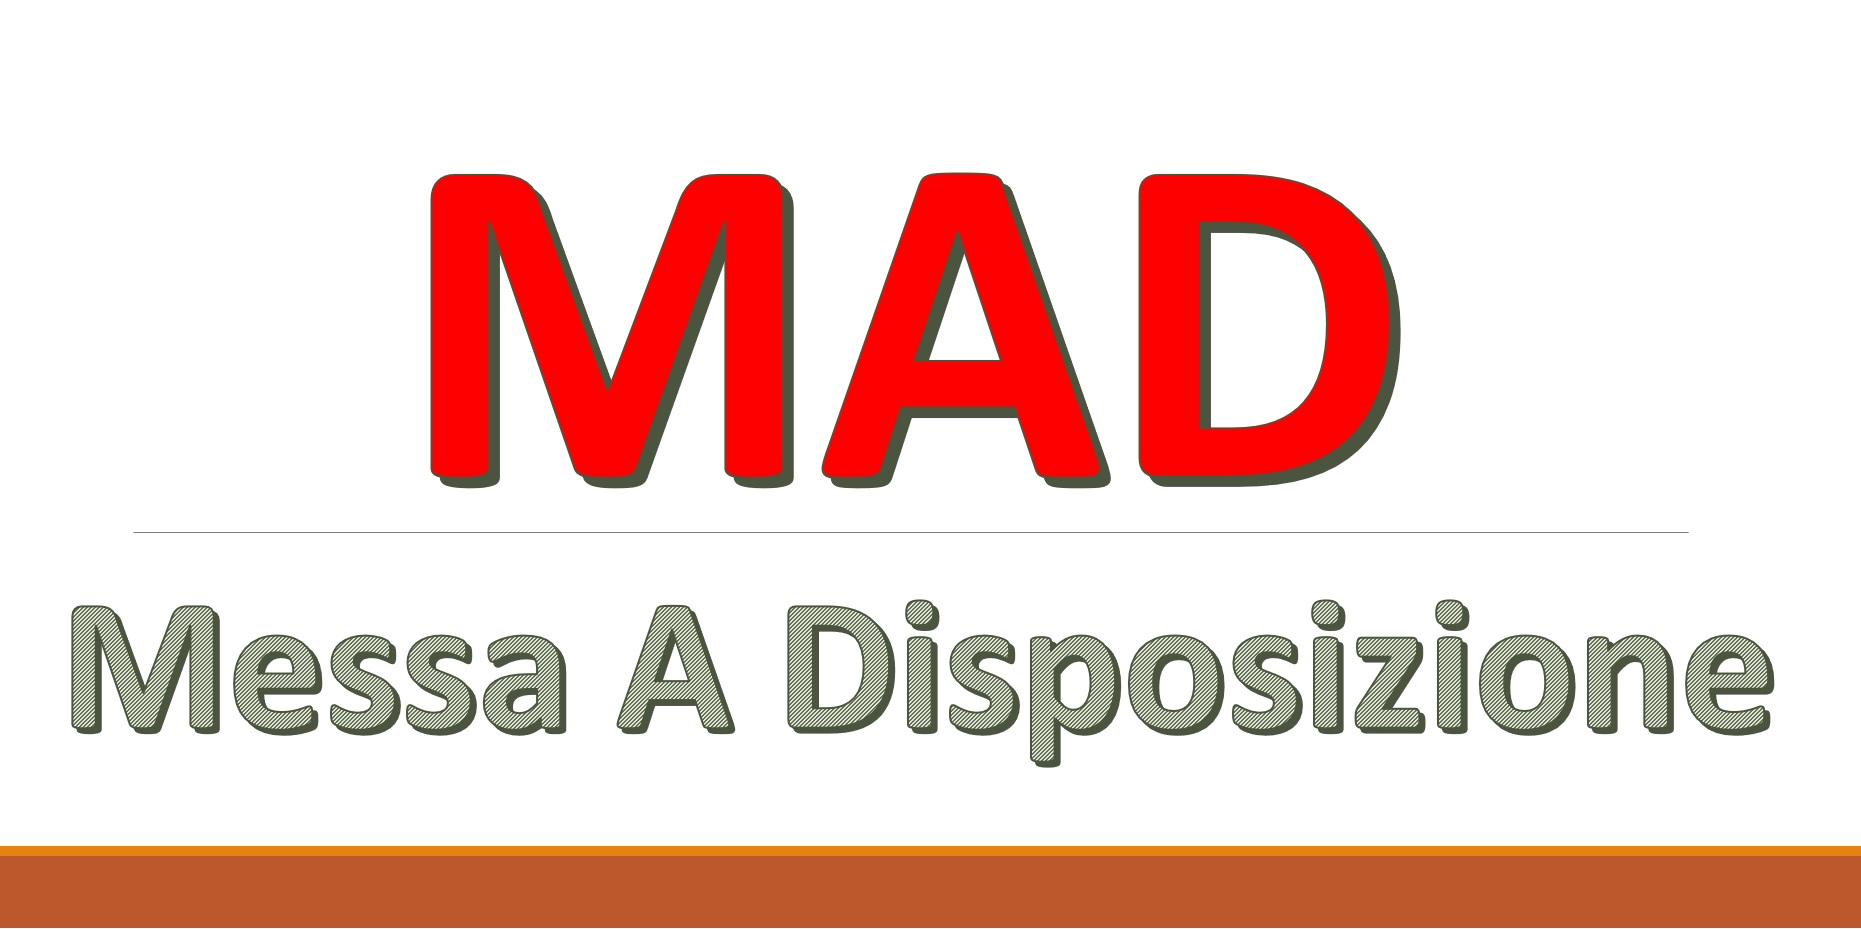 Logo: Messa a disposizione